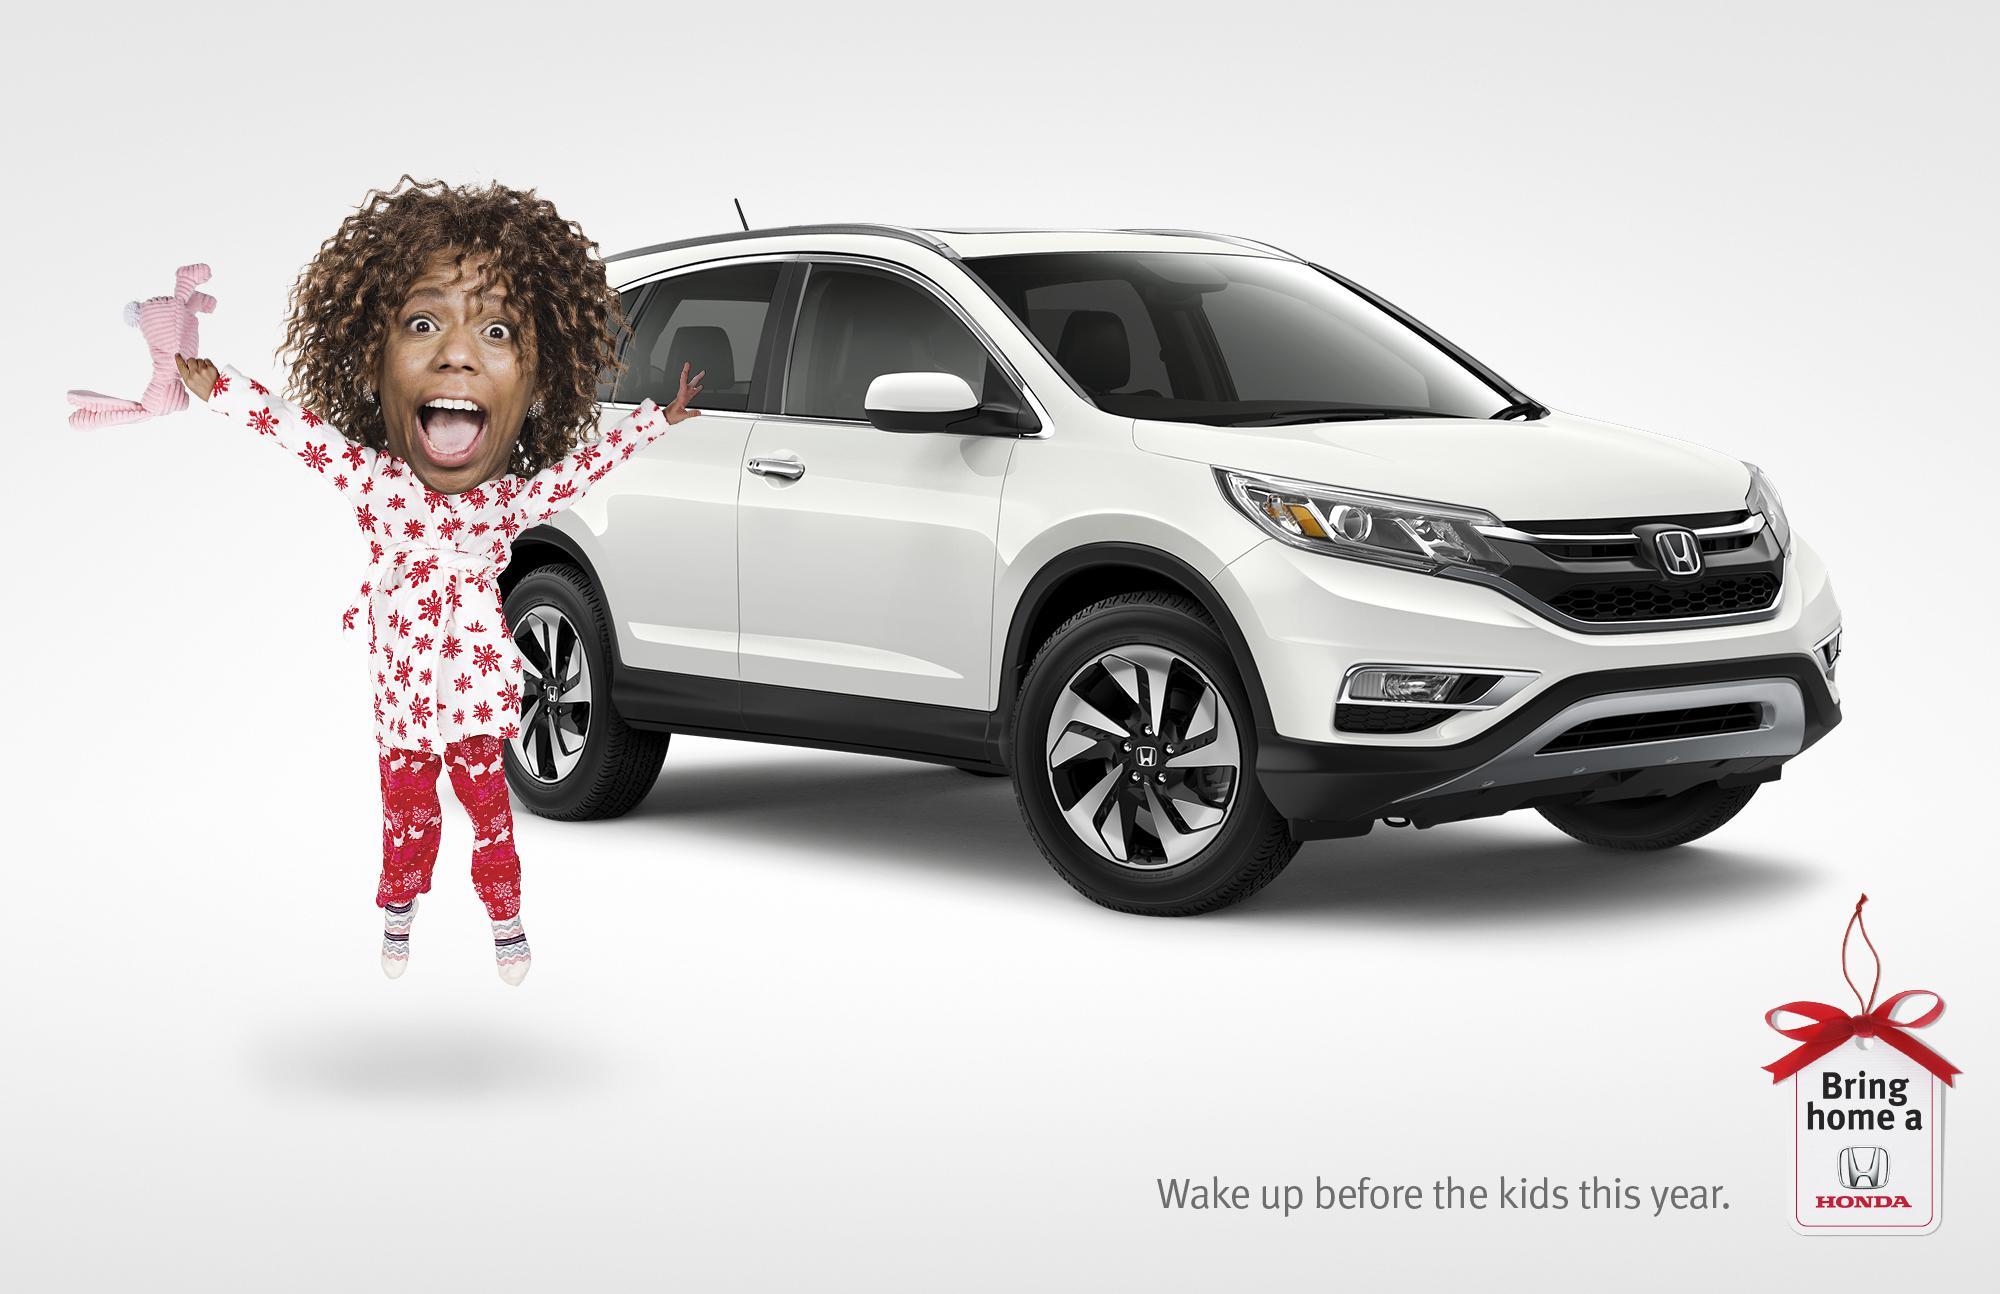 Honda Print Ad - Bring home a Honda - Wake up